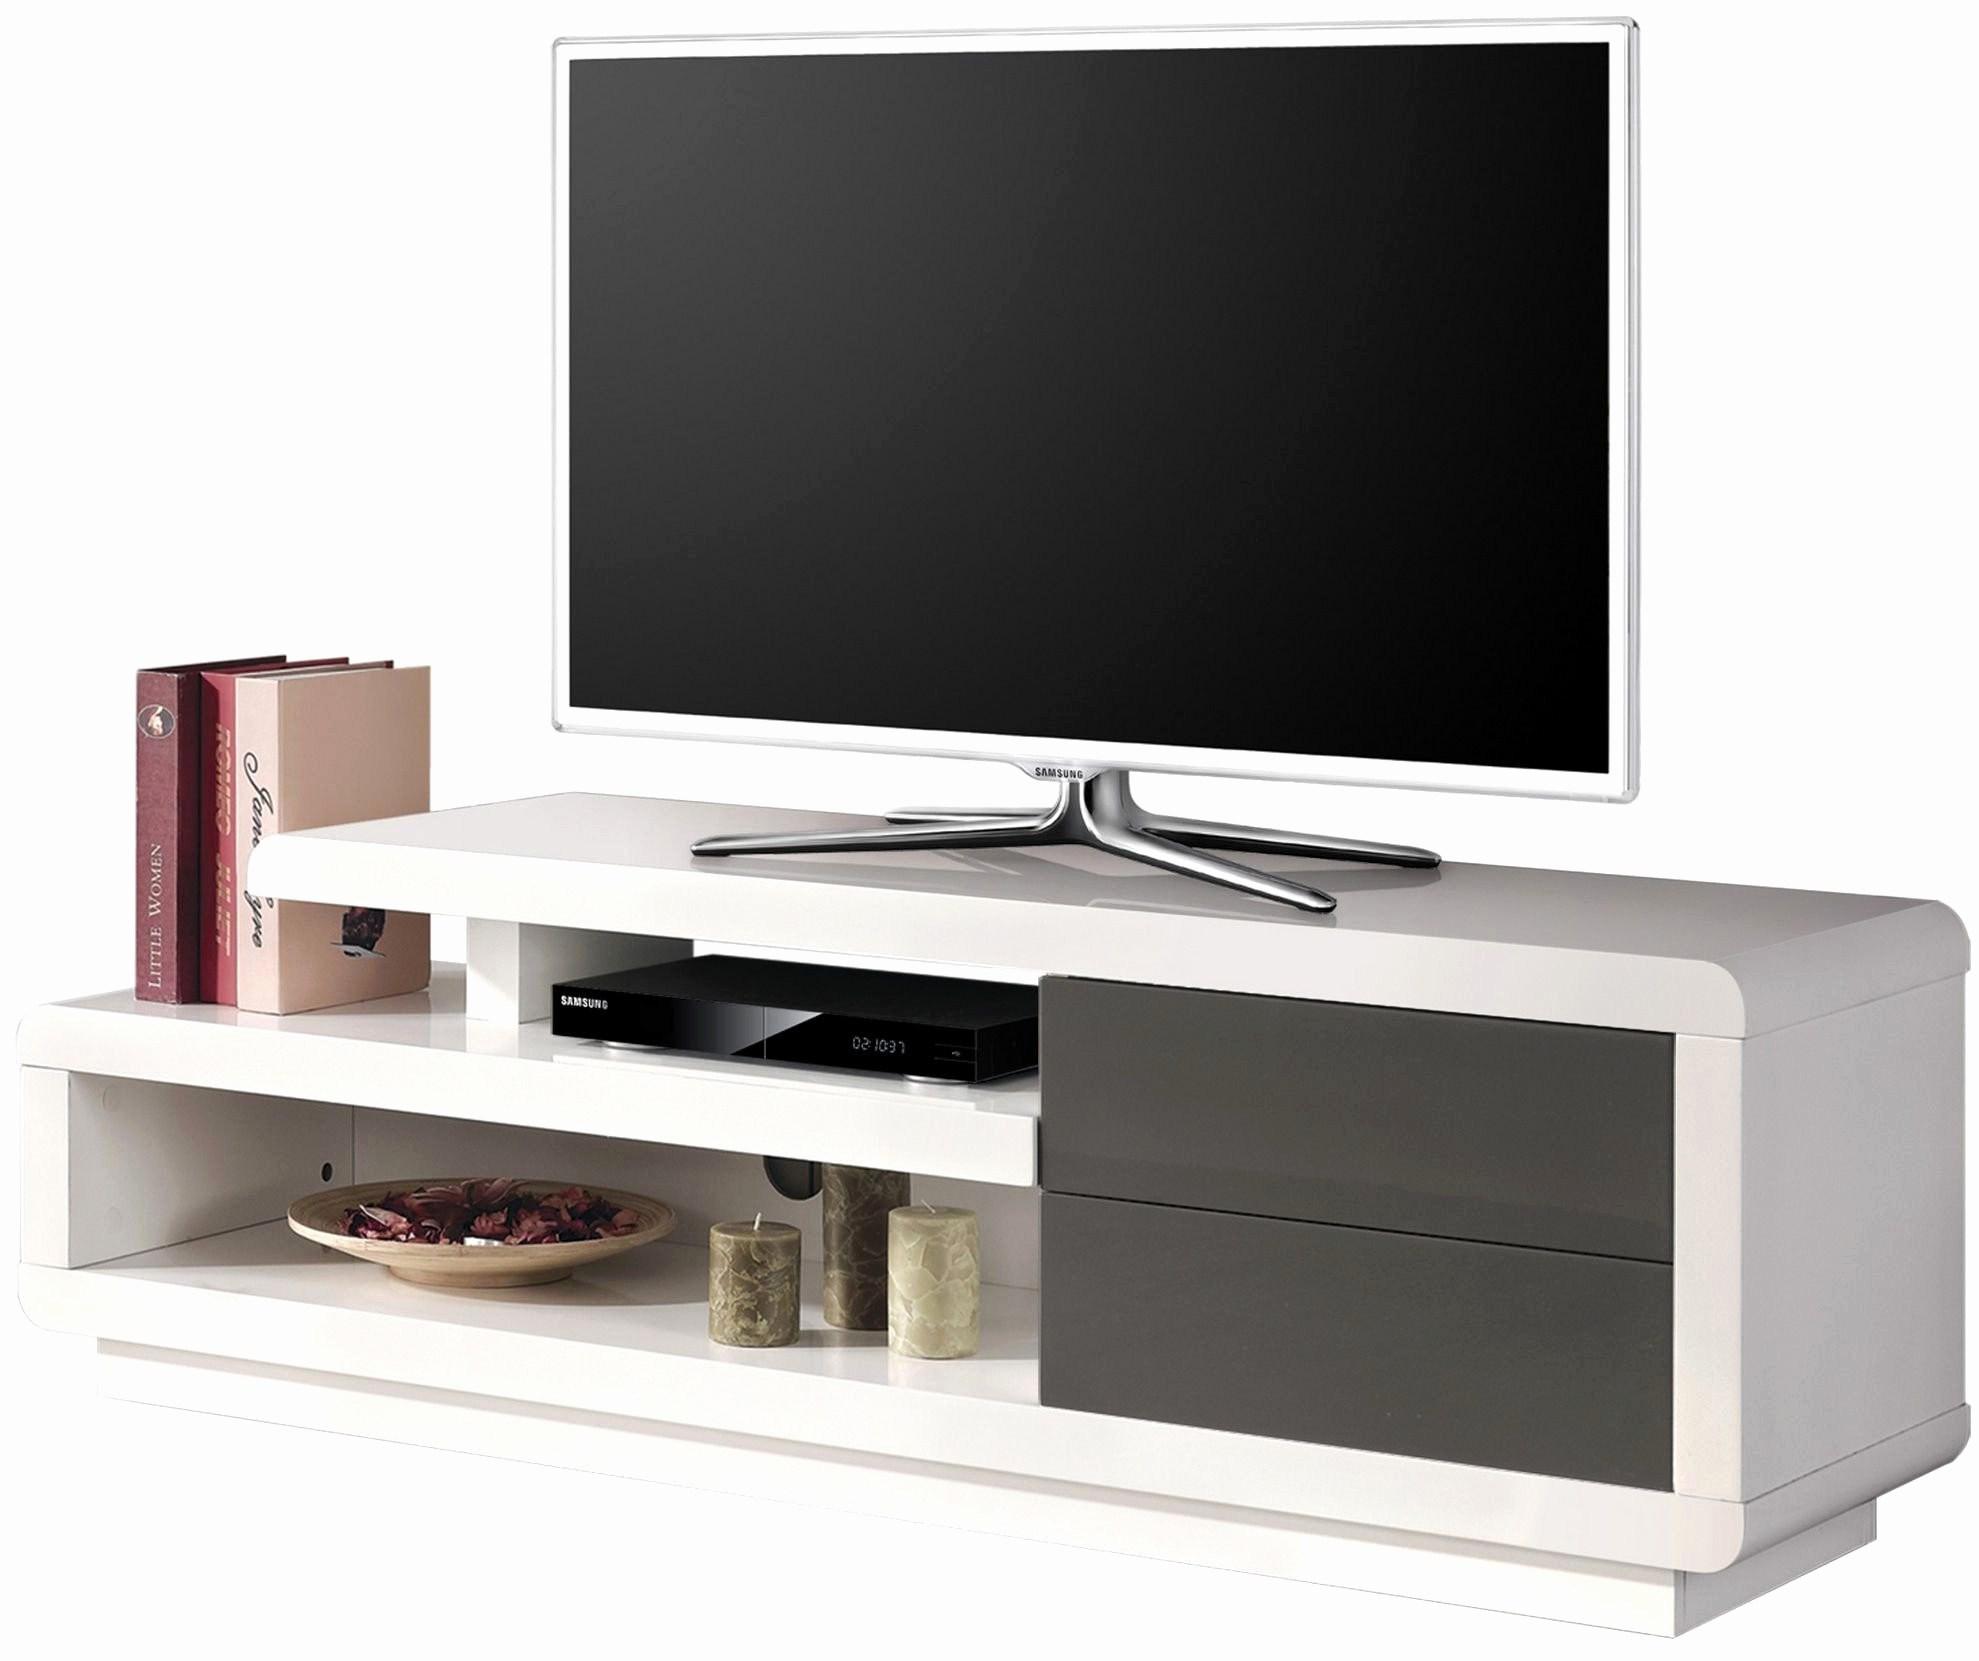 Foire fouille meuble tv